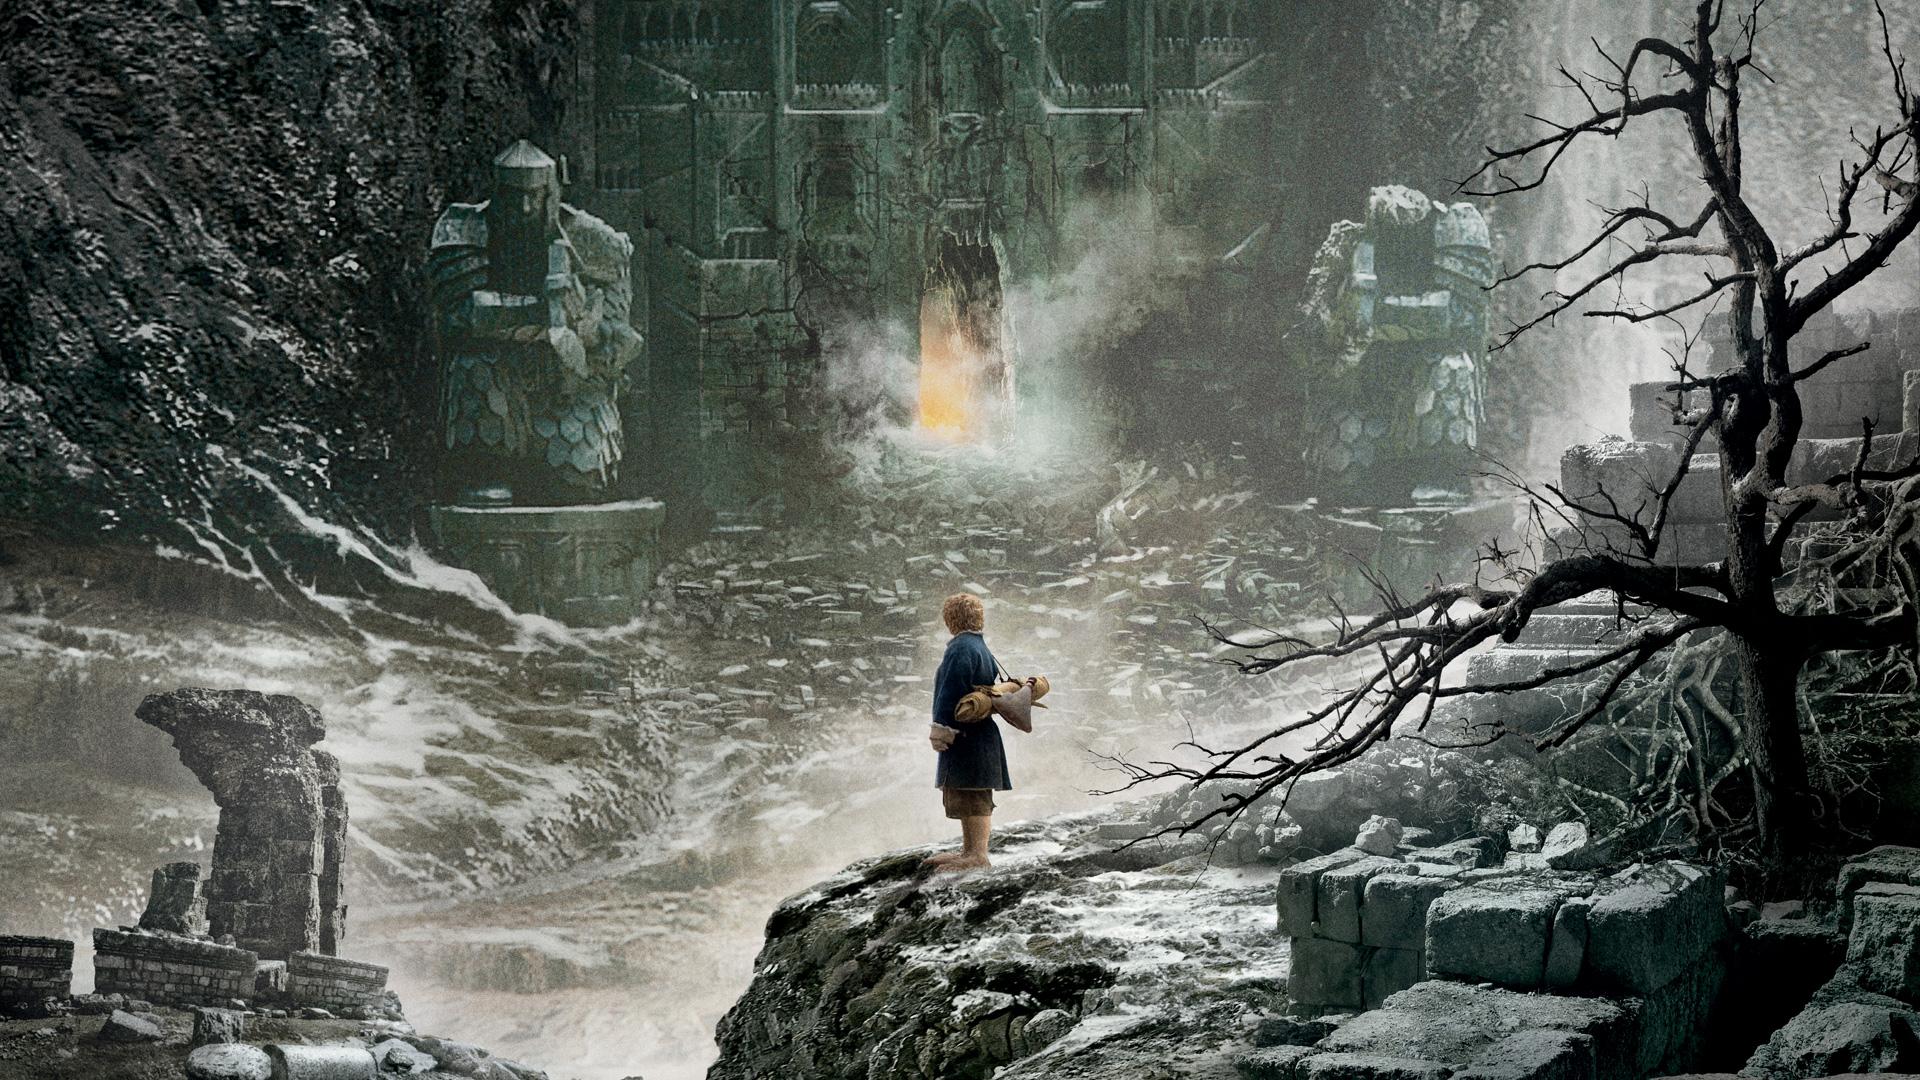 Трансформеры: Последний рыцарь смотреть в контакте